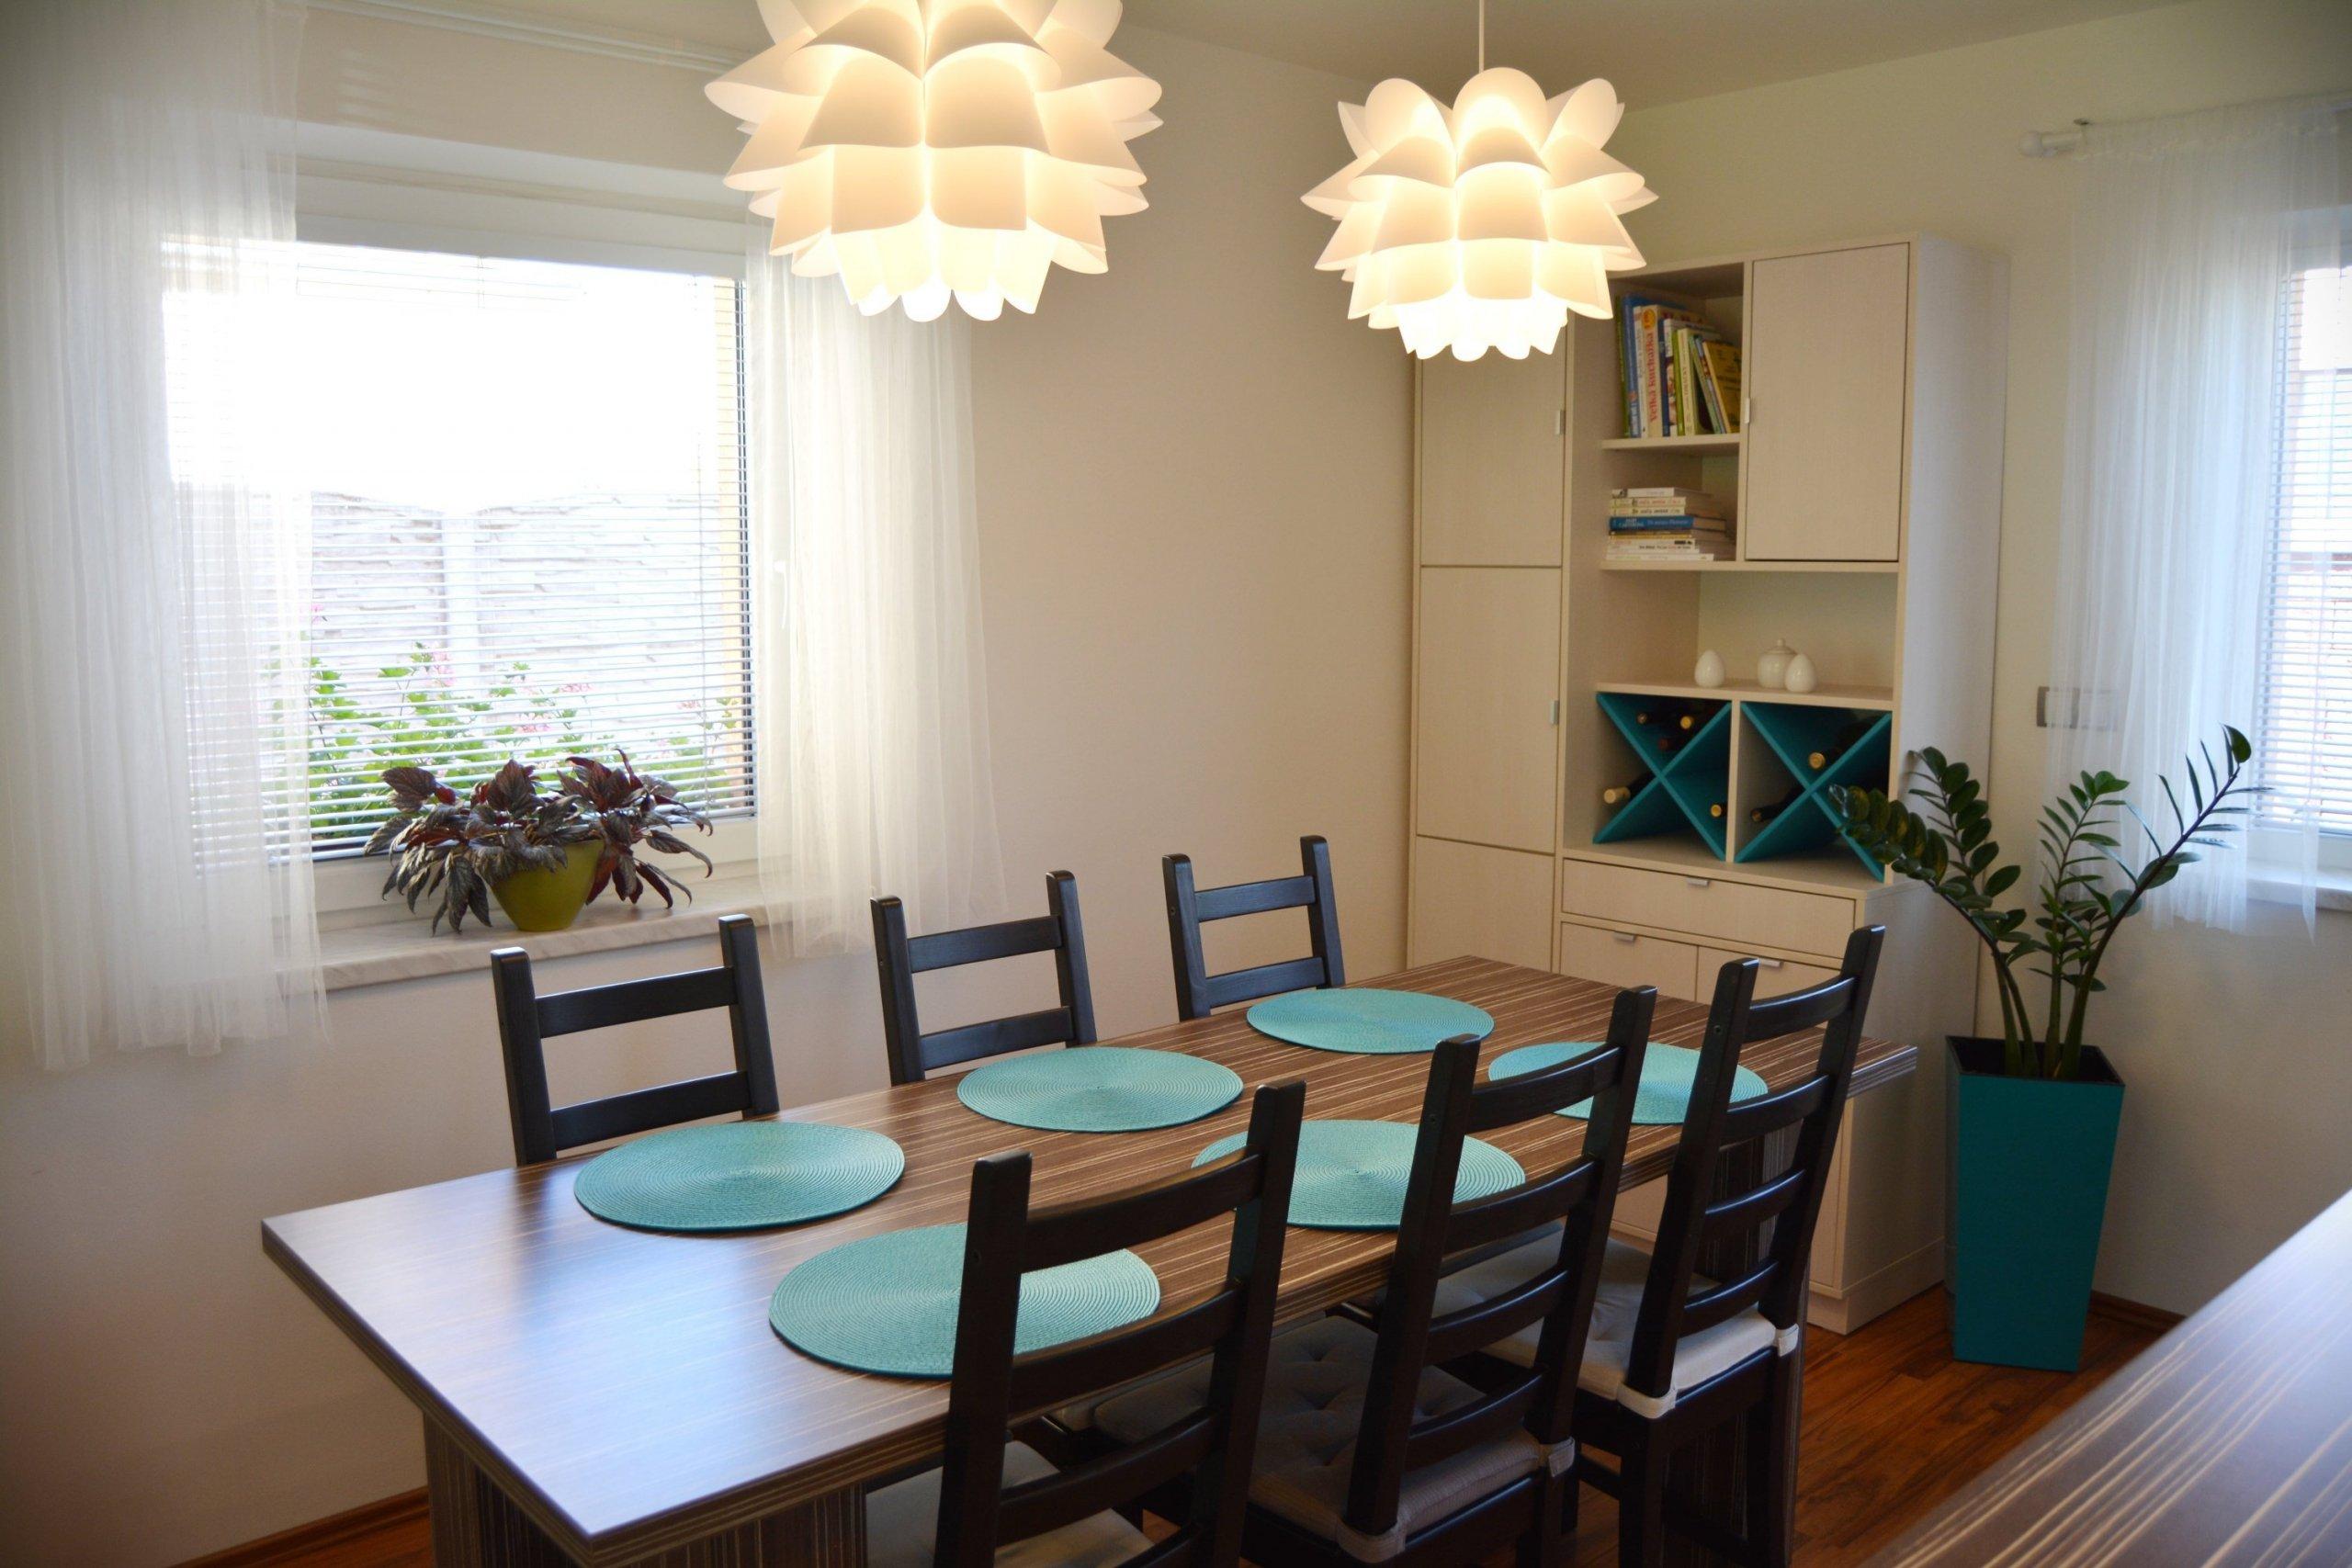 Majitelé měli v domě již zařízenou kuchyni s jídelním stolem a židlemi, chyběl však další úložný prostor. Potřeba bylo zařídit obývací část a místnost propojit…